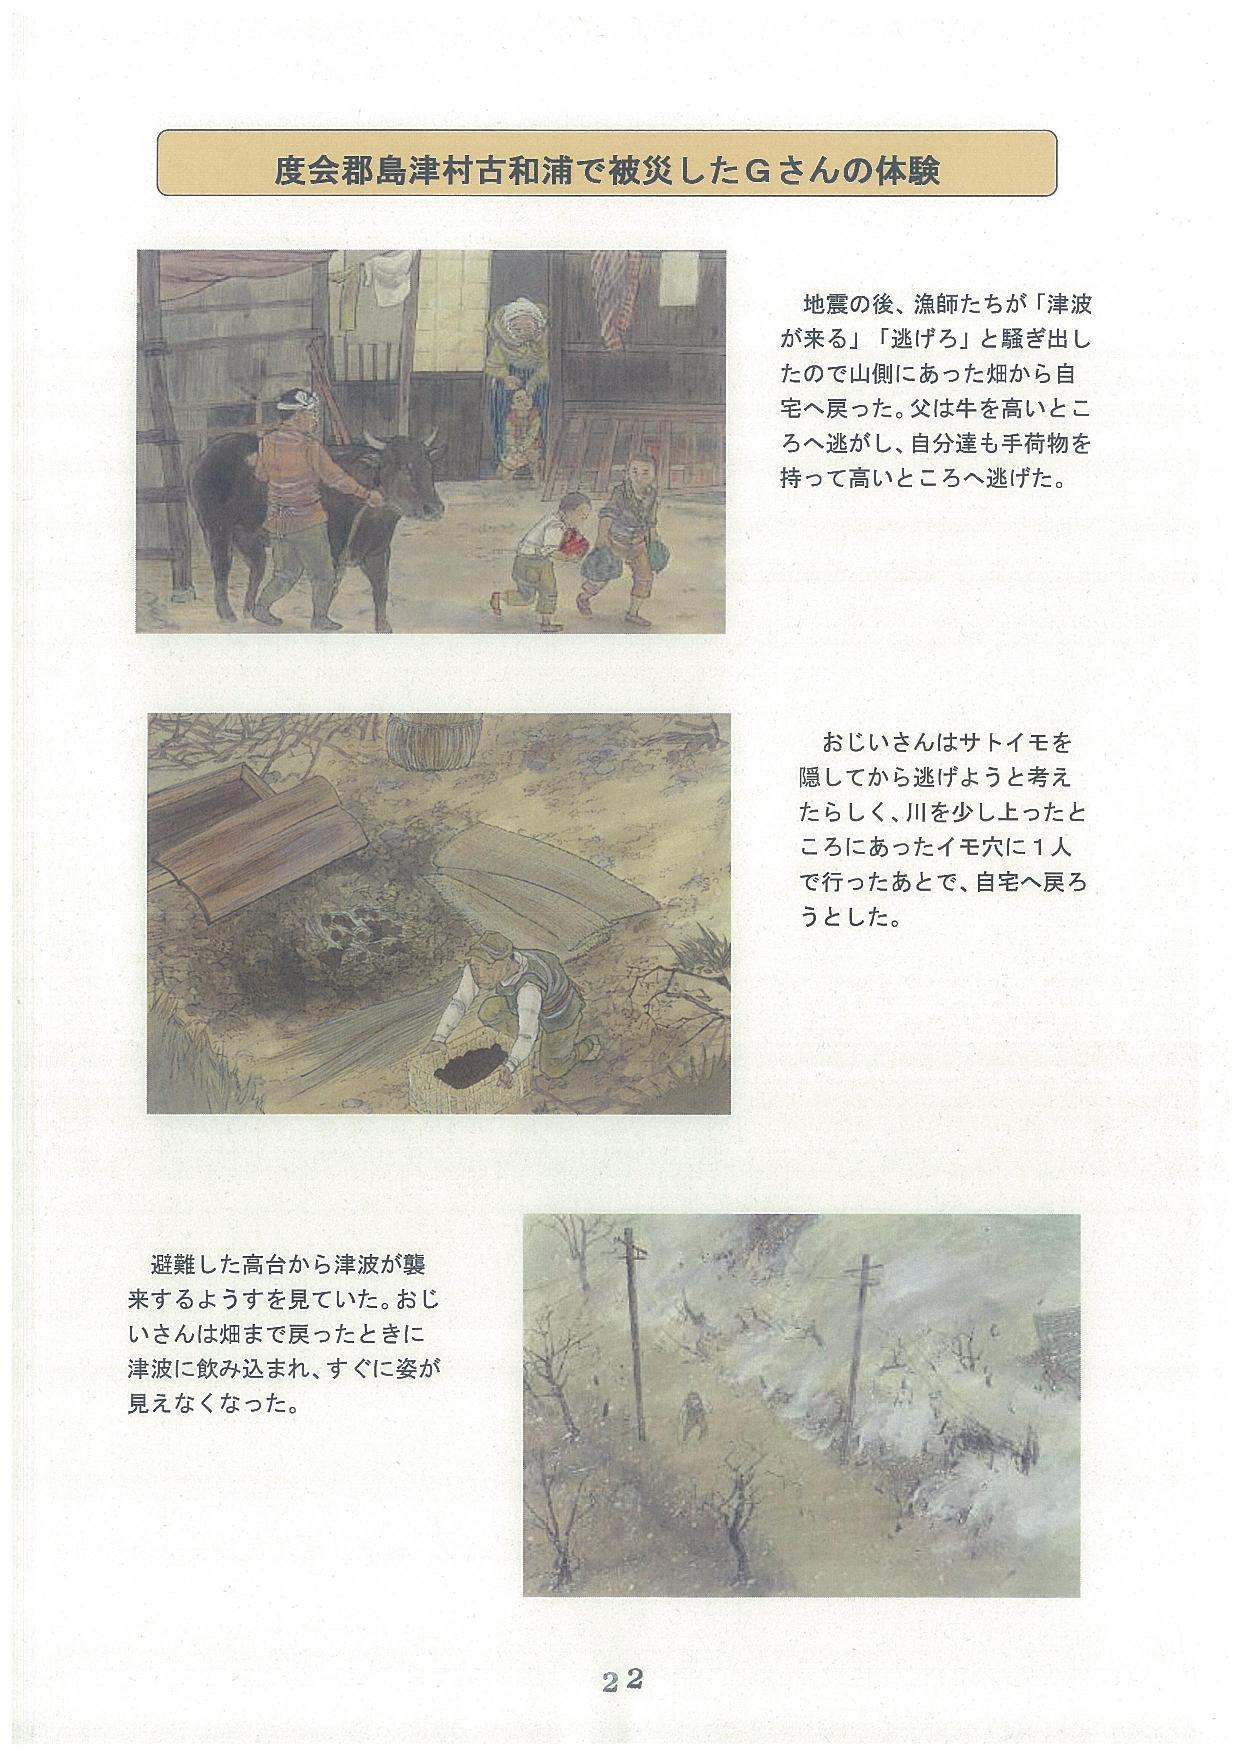 20171208-02_ページ_22